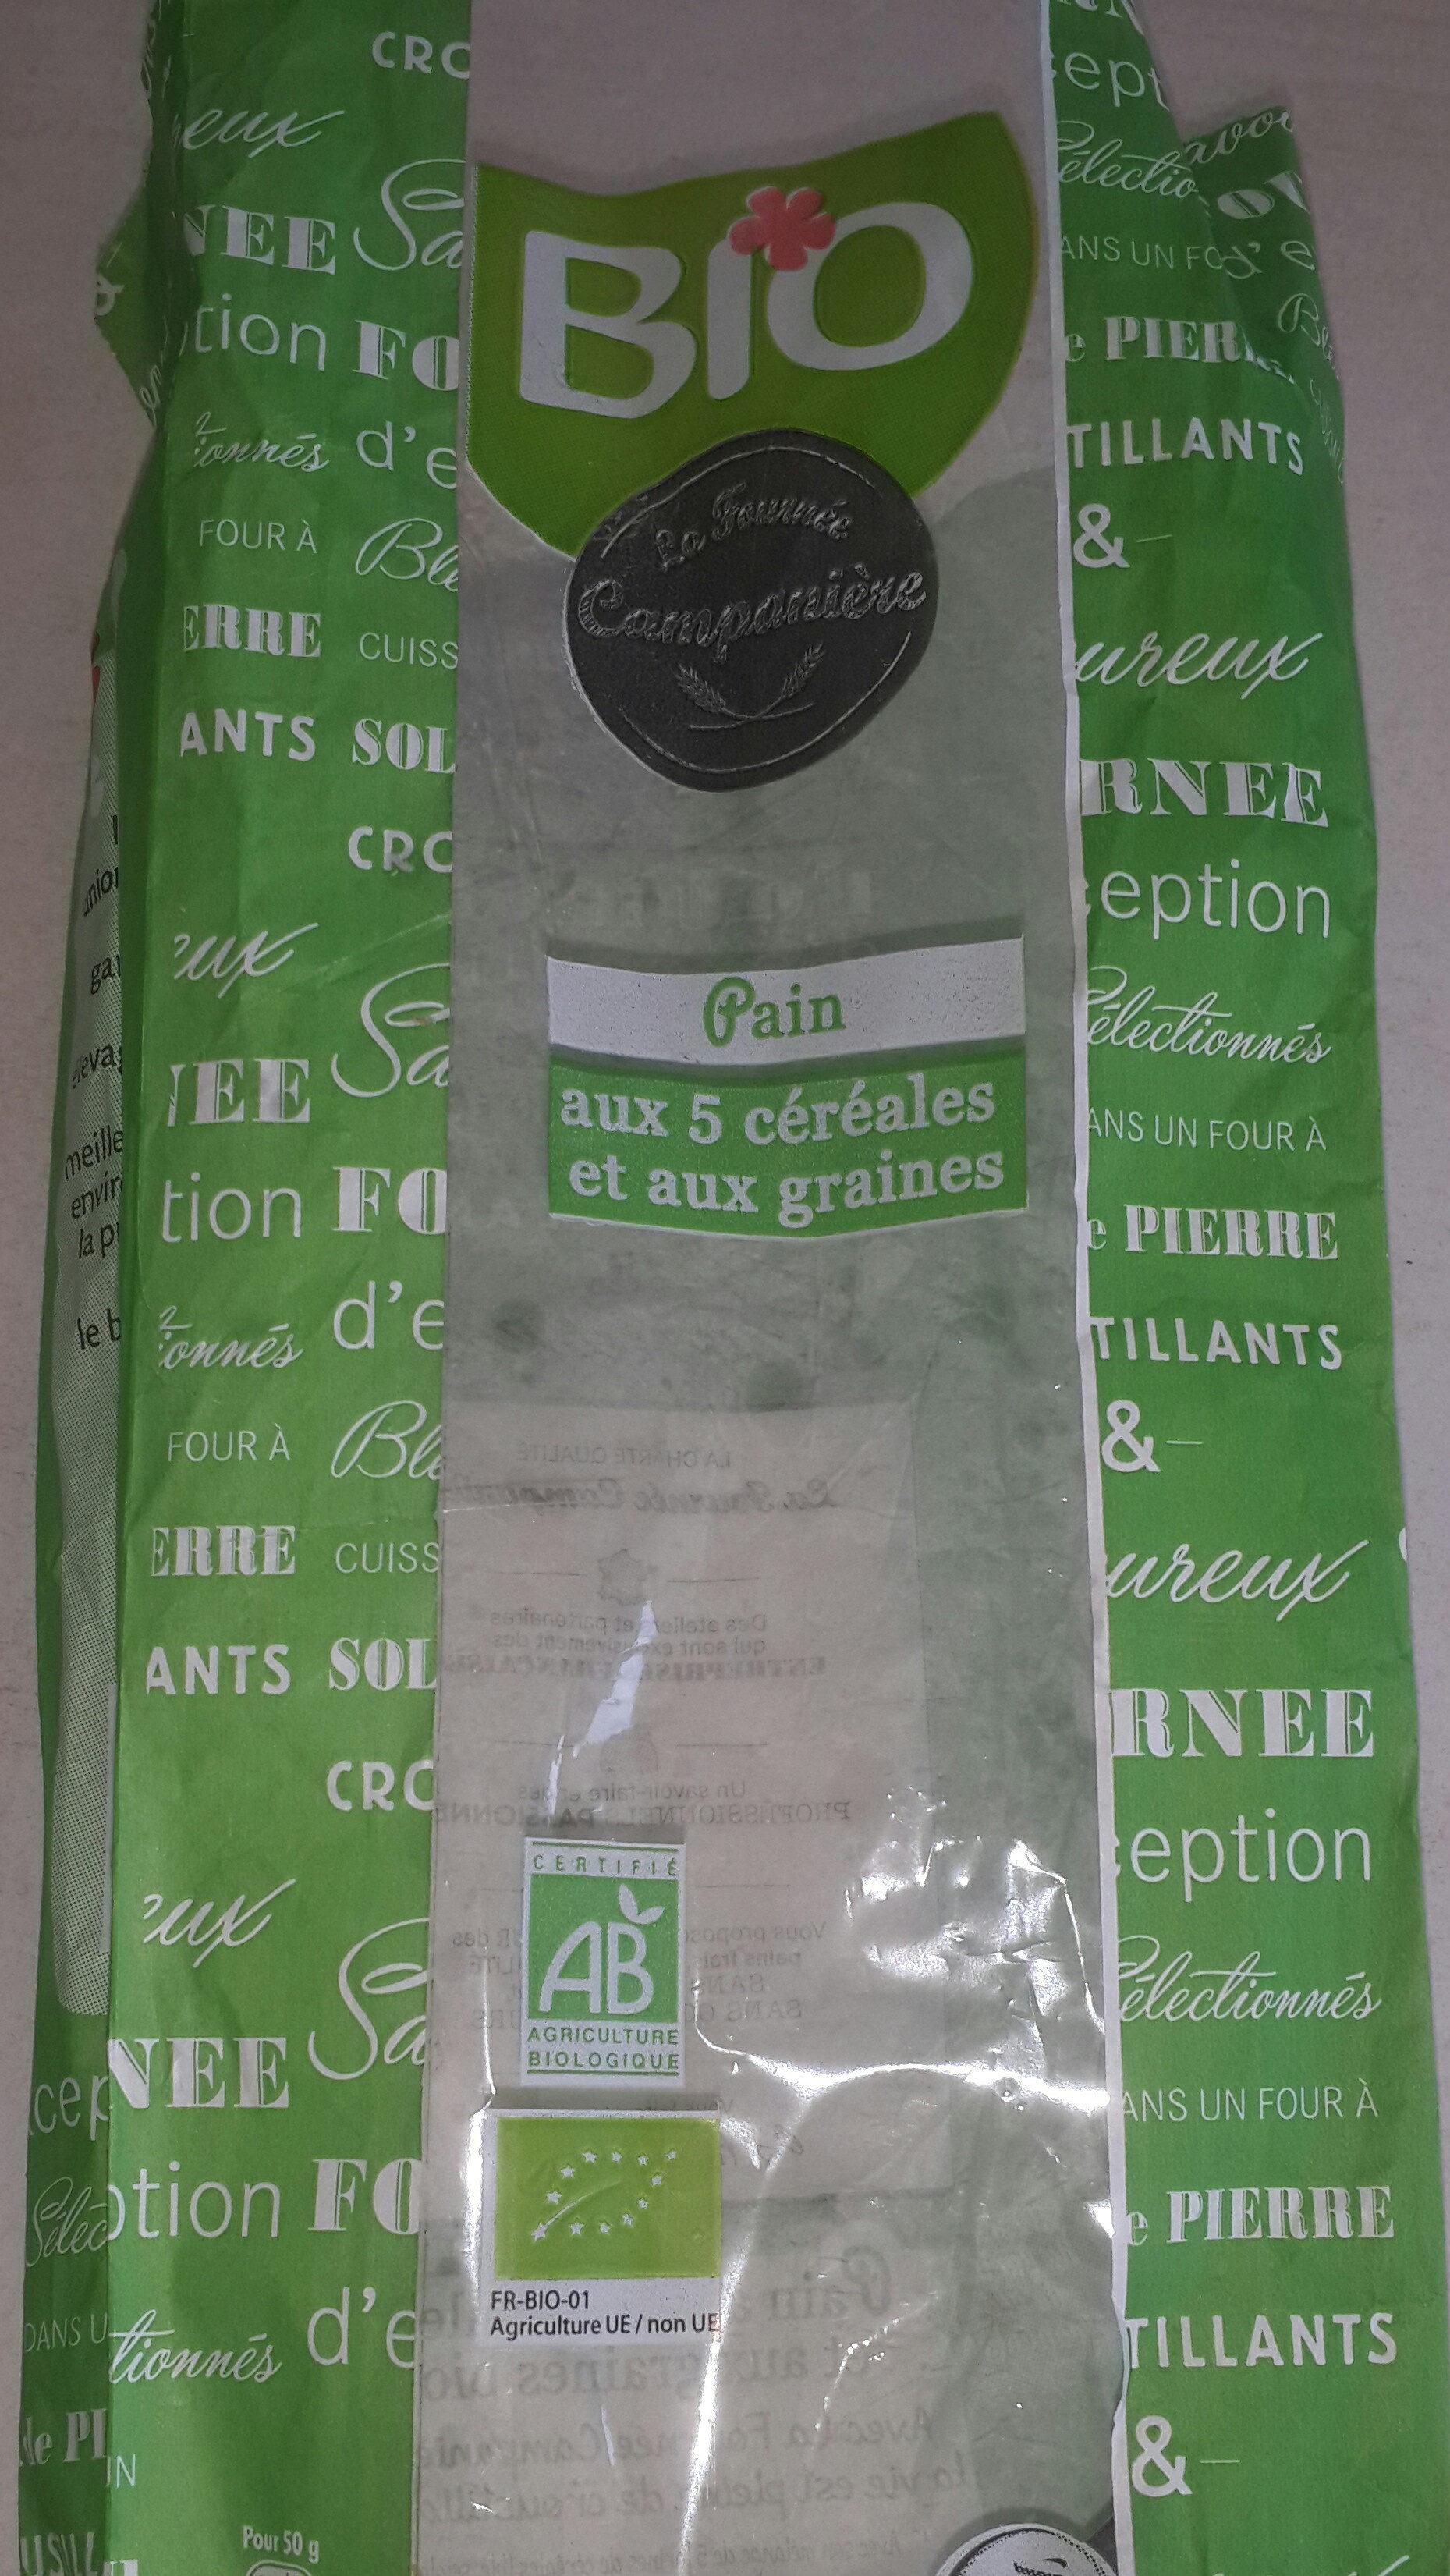 Pain 5 céréales-graines Bio Fournée Campanière - Product